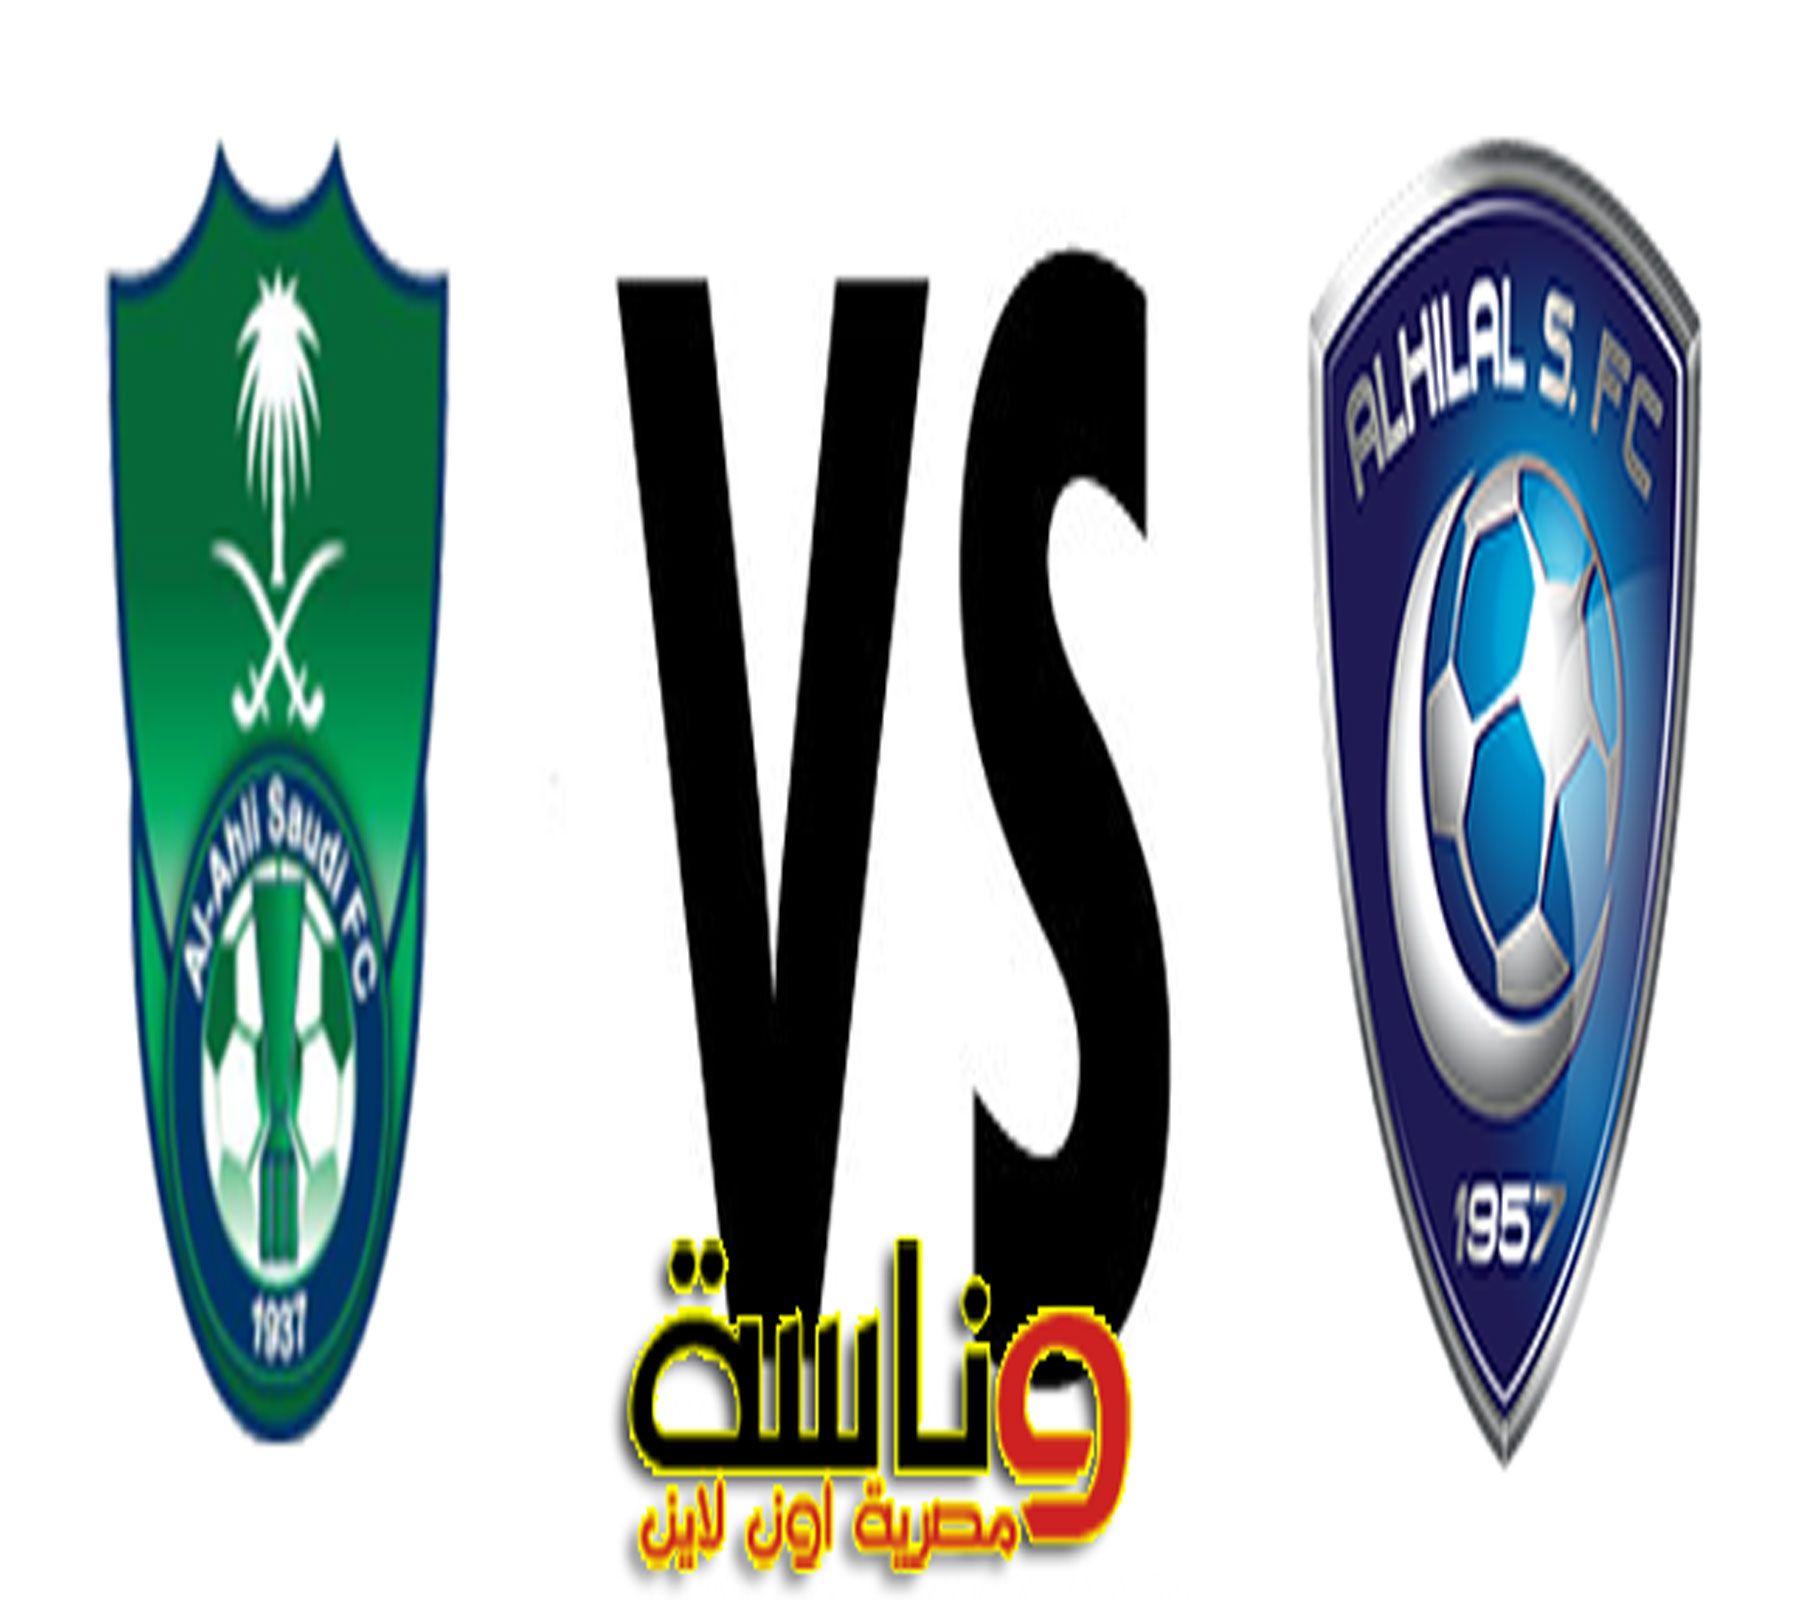 مشاهدة مباراة الهلال والأهلي السعودي بتاريخ 07 01 2020 بث مباشر في الدوري السعودي British Leyland Logo Vehicle Logos Buick Logo